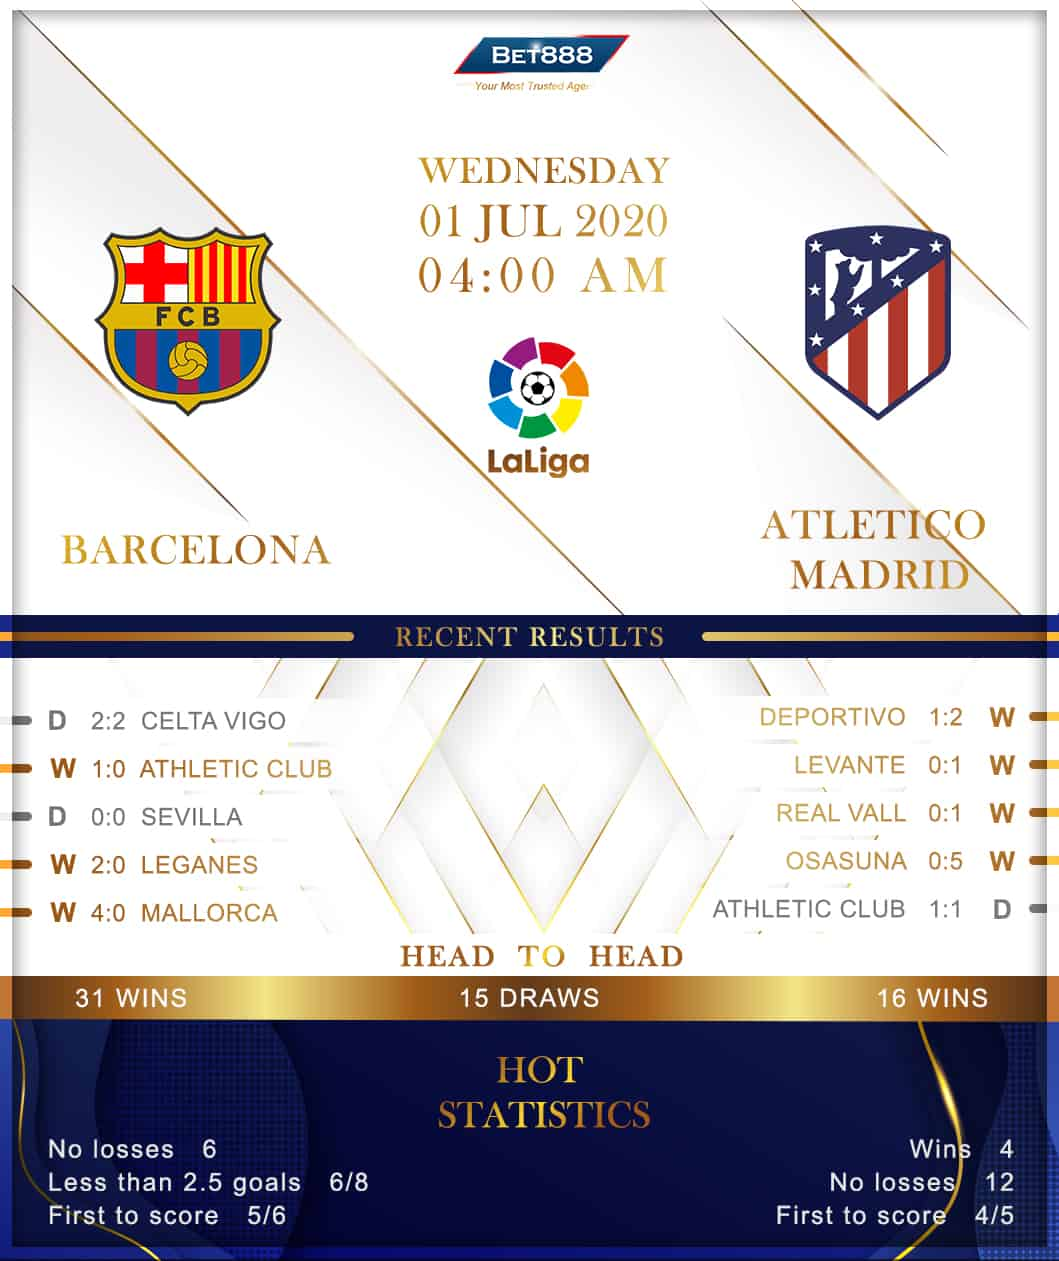 Barcelona vs  Atletico Madrid 01/07/20